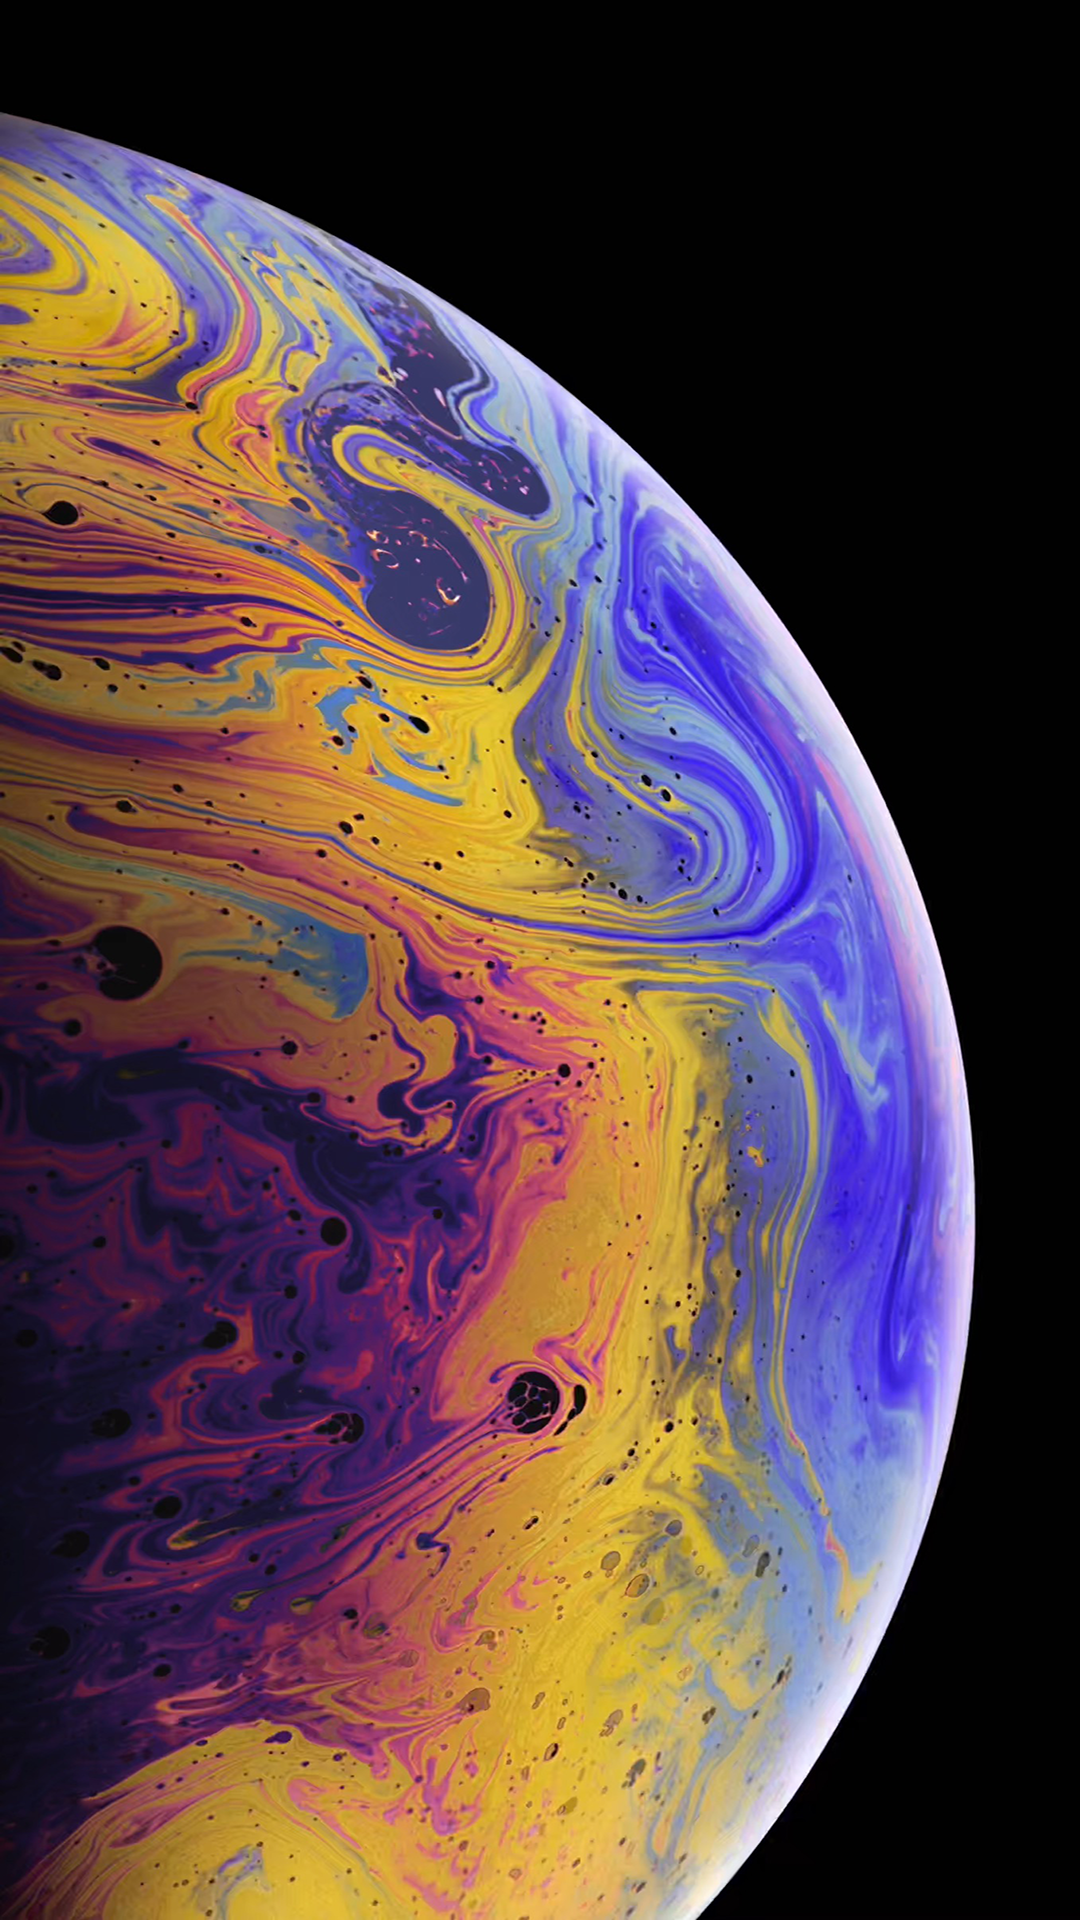 iPhone XS HD Wallpapers - WallpaperSafari